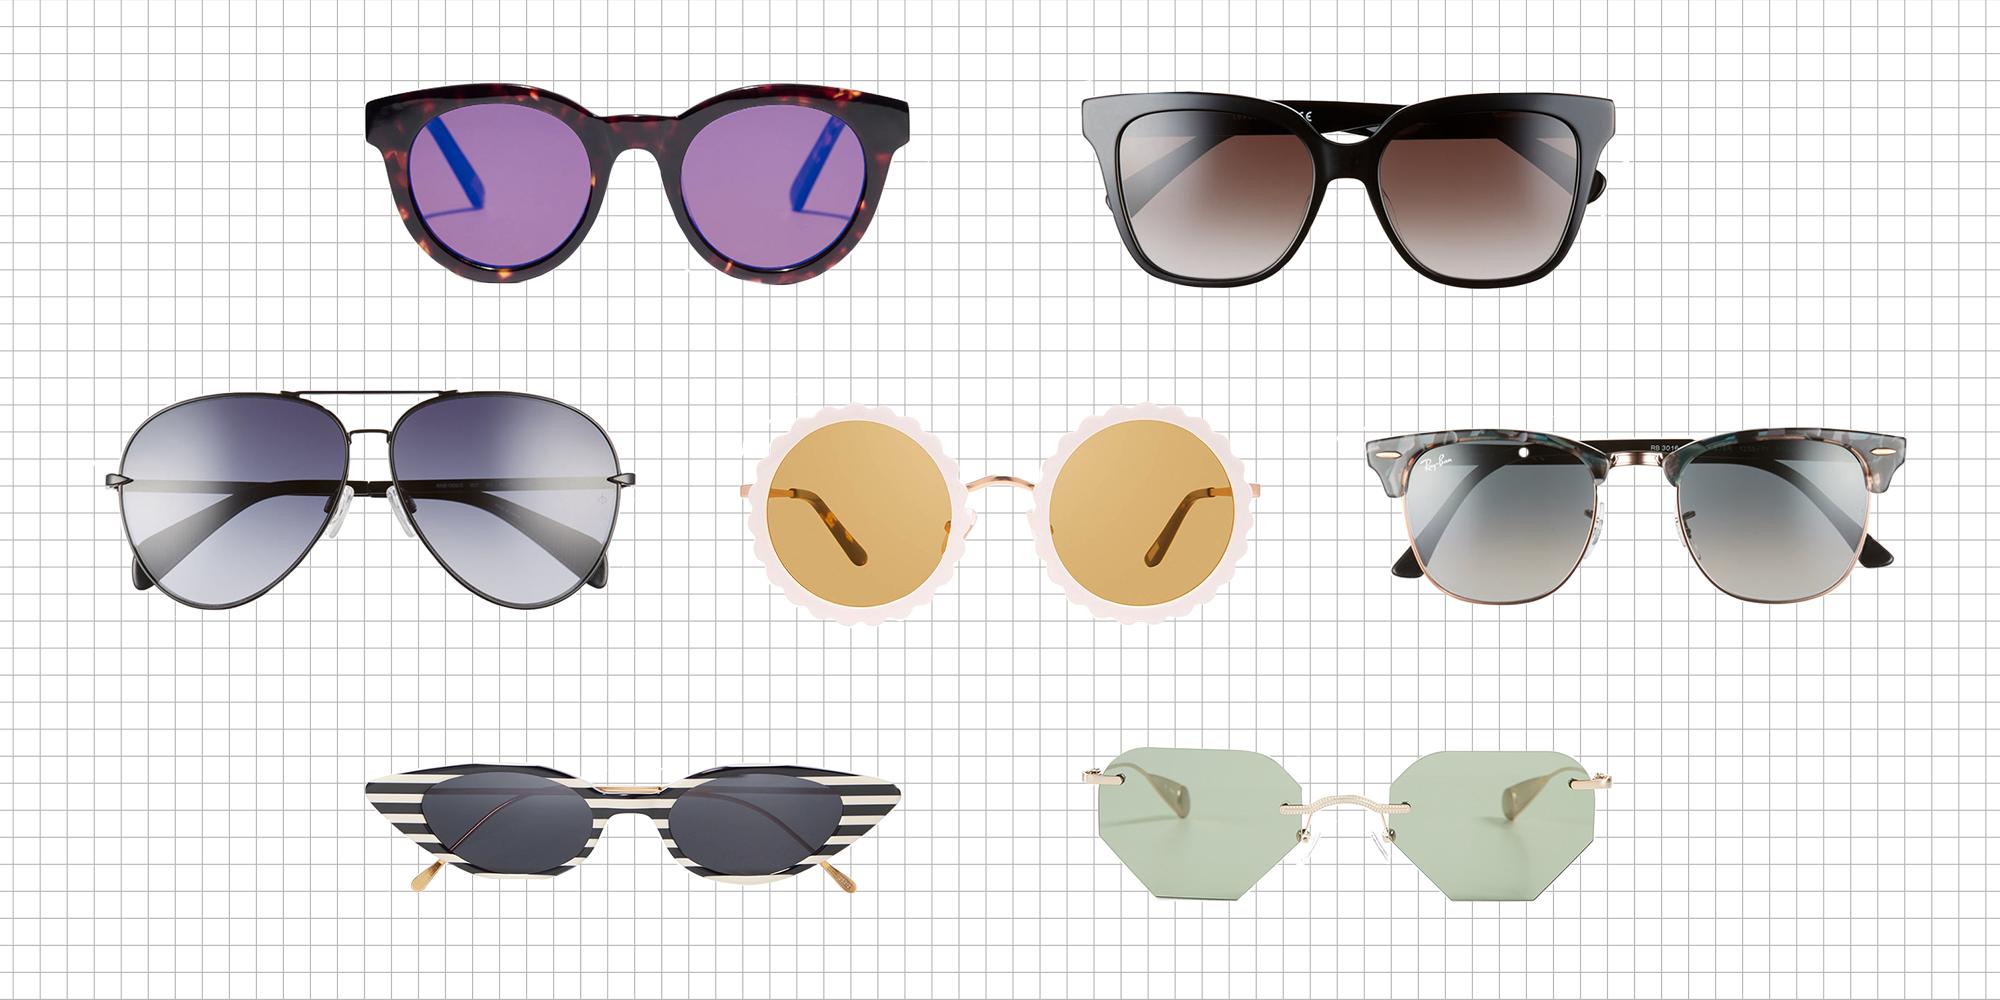 7198e7ed320 22 Best Sunglasses for Women 2019 - Cute Sunglasses for Women